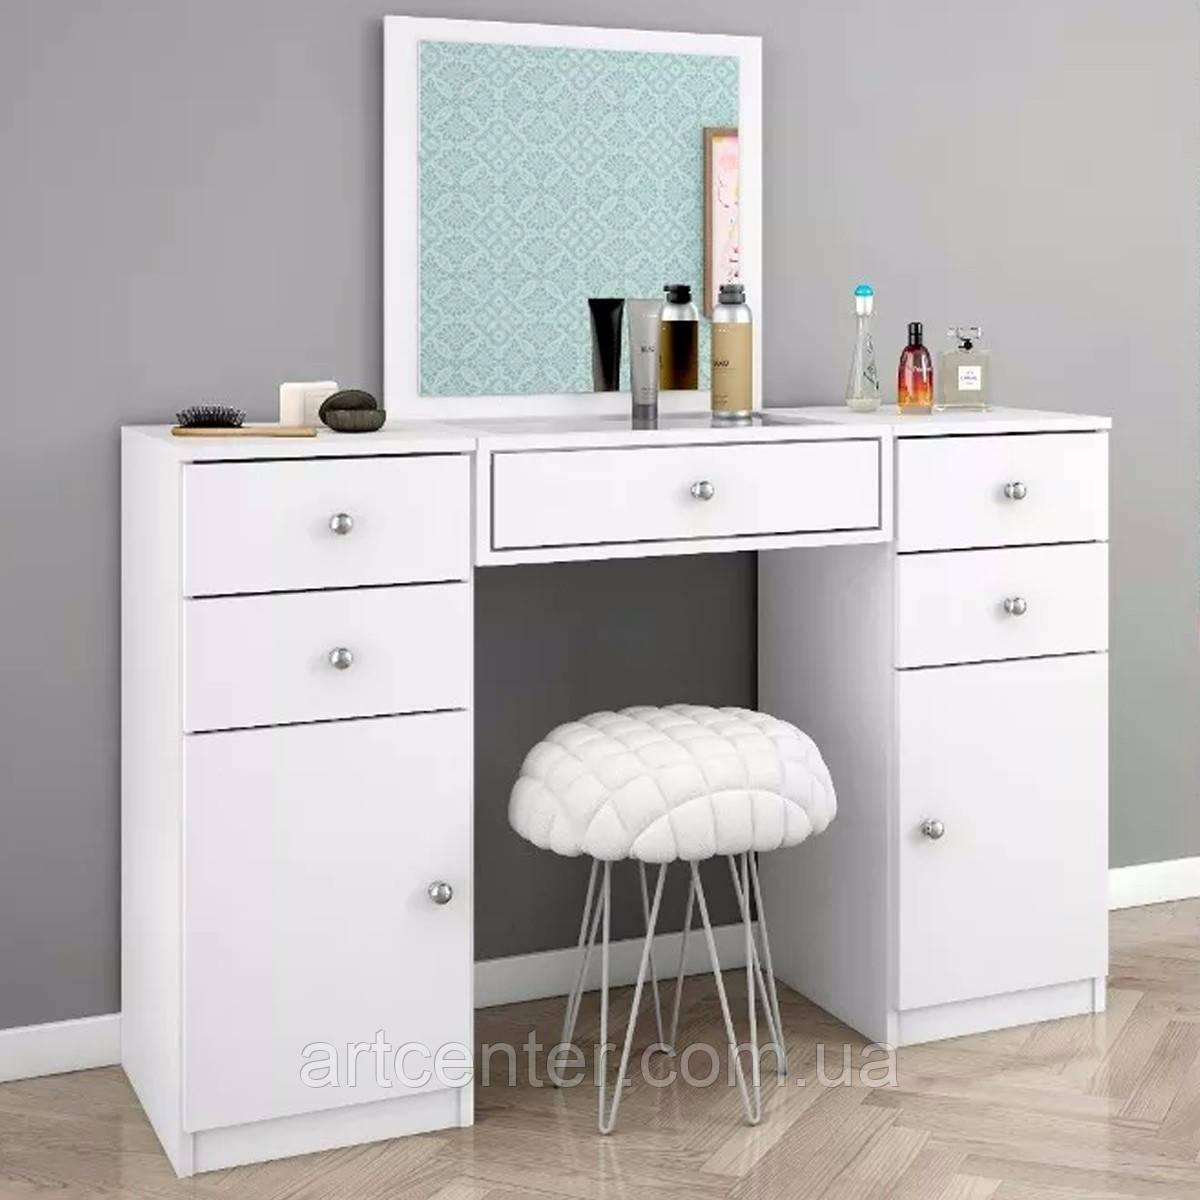 Білий туалетний стіл, косметичний стіл